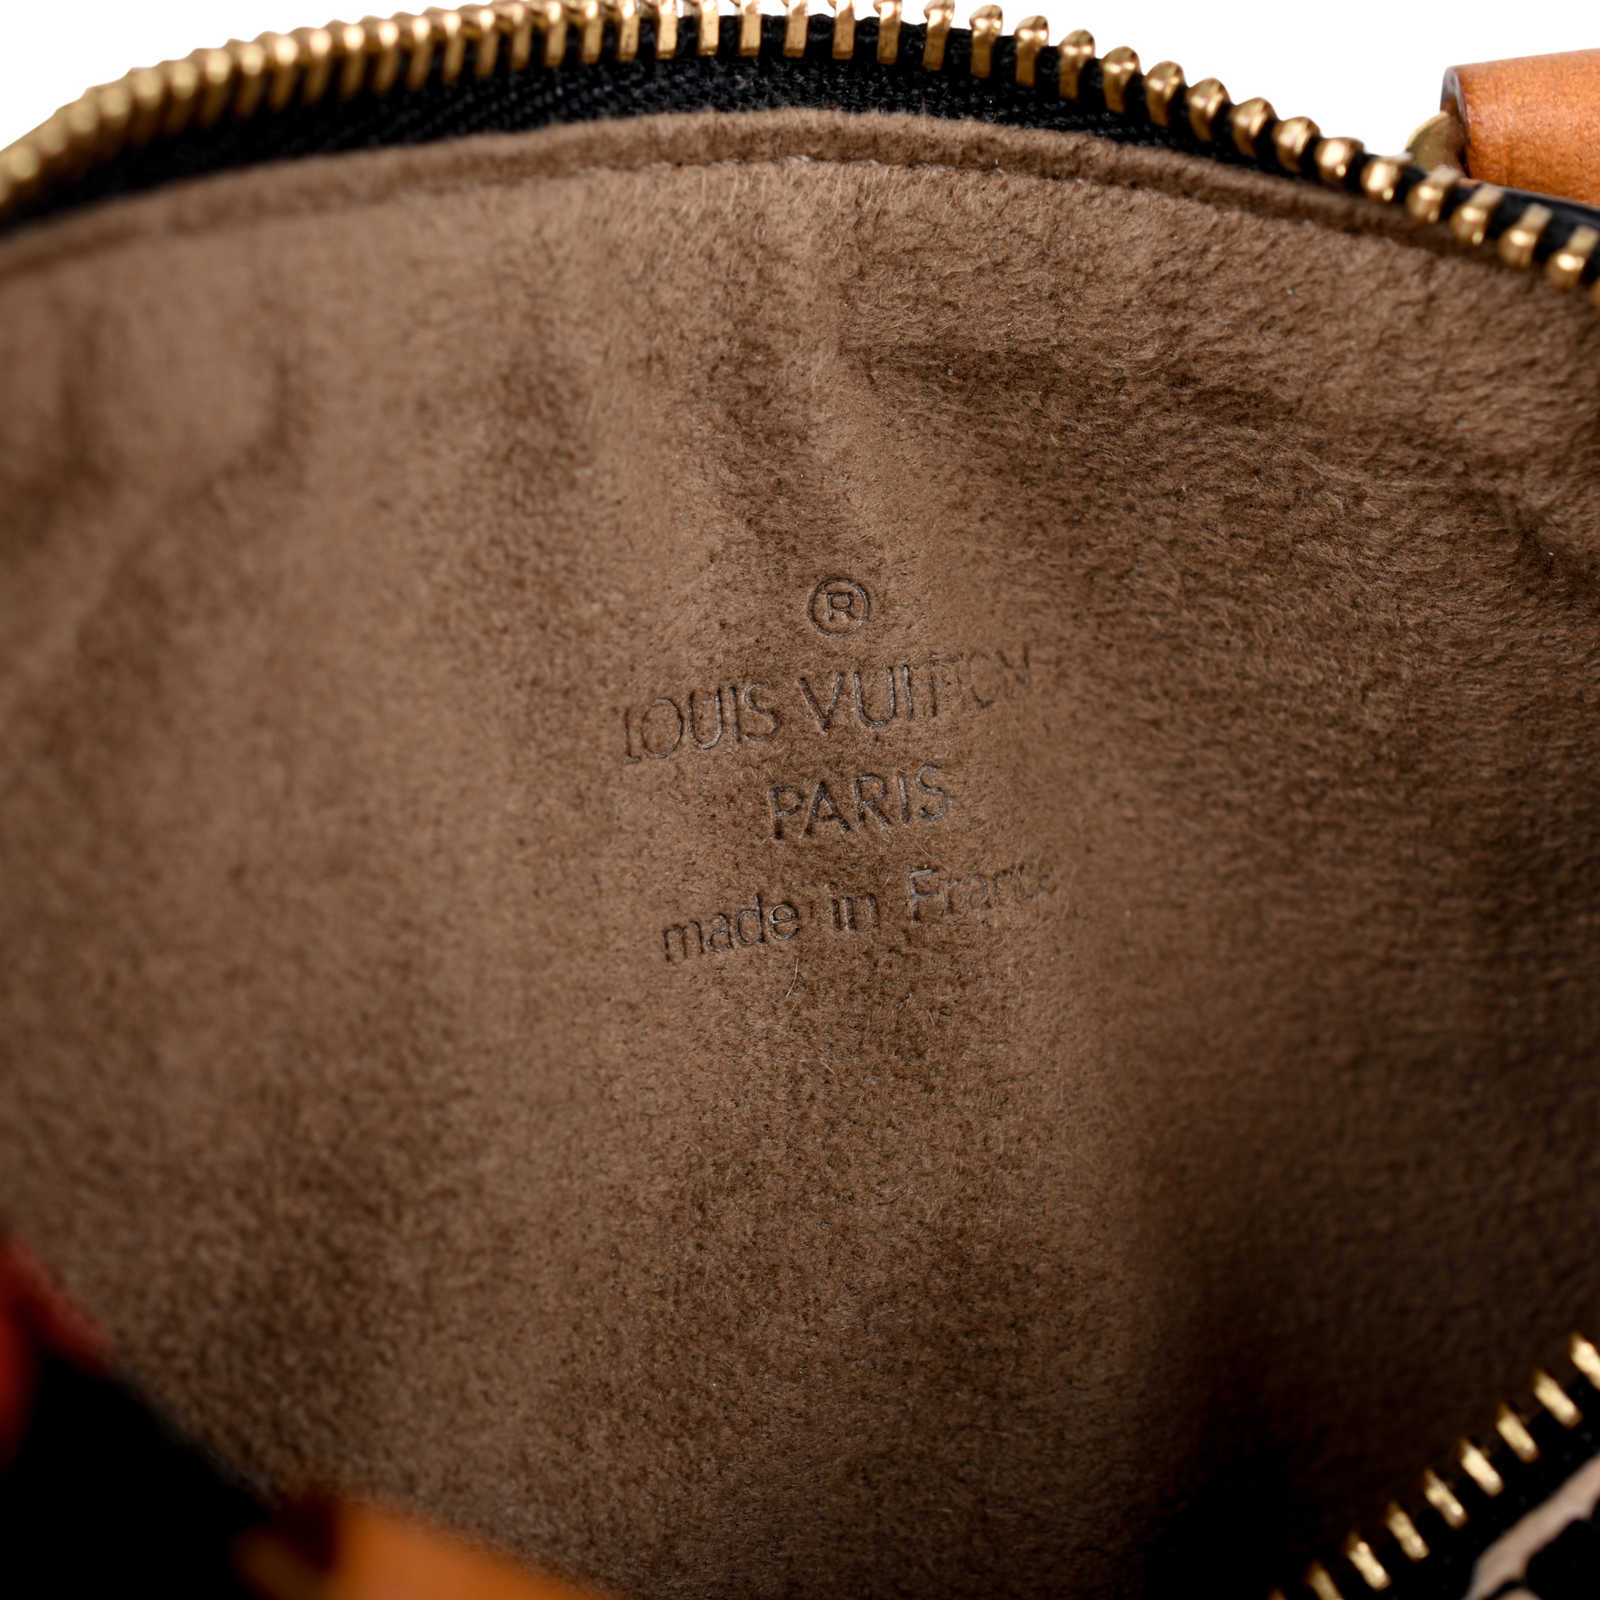 6d37d3d503fb ... Authentic Second Hand Louis Vuitton Multicolore Mini Sac HL Speedy  (PSS-034-00016